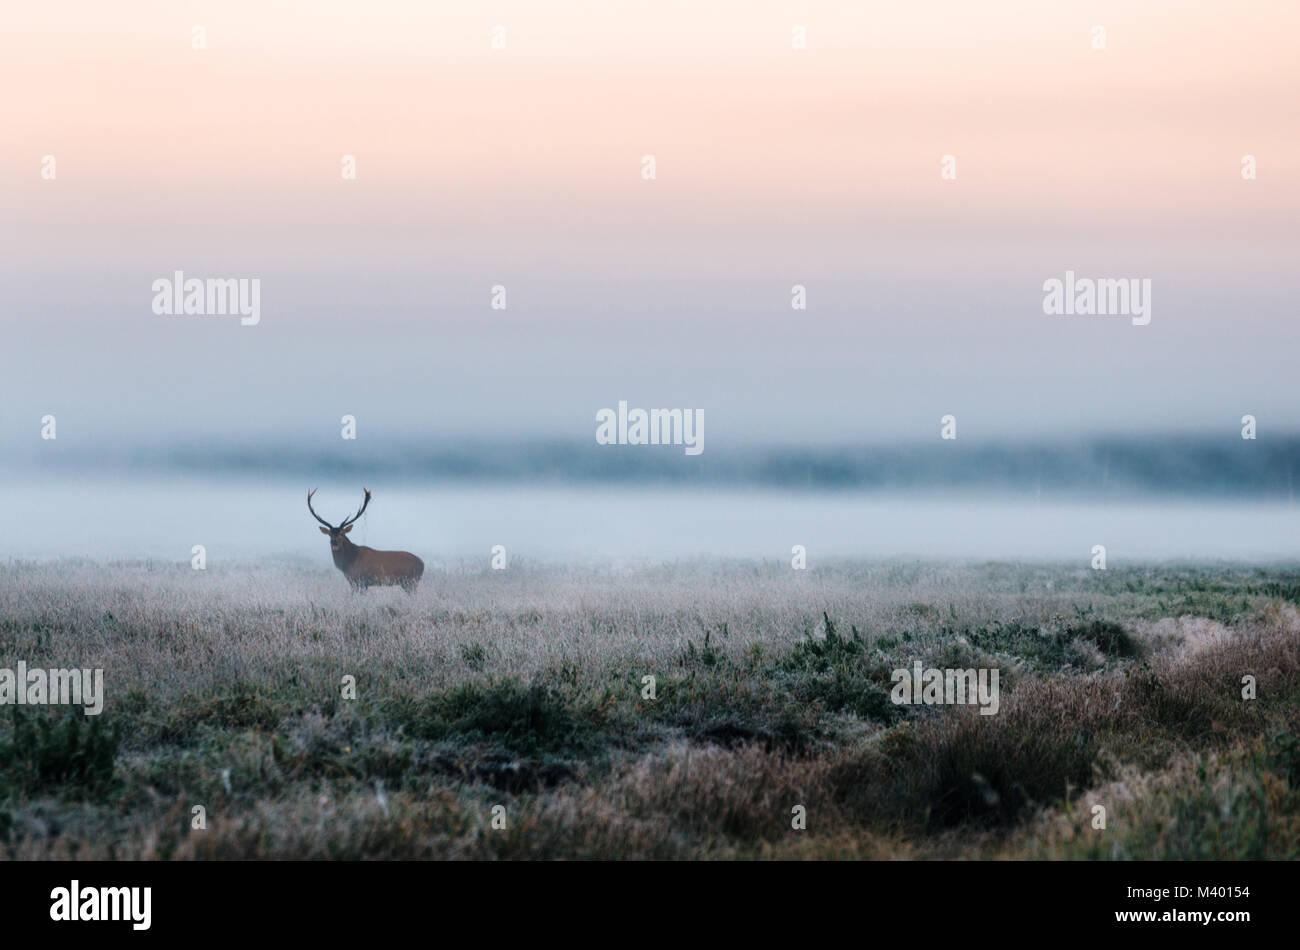 Bello ciervo ciervo en el campo nevado cerca el brumoso bosque nebuloso paisaje en otoño en Belarús. Foto de stock